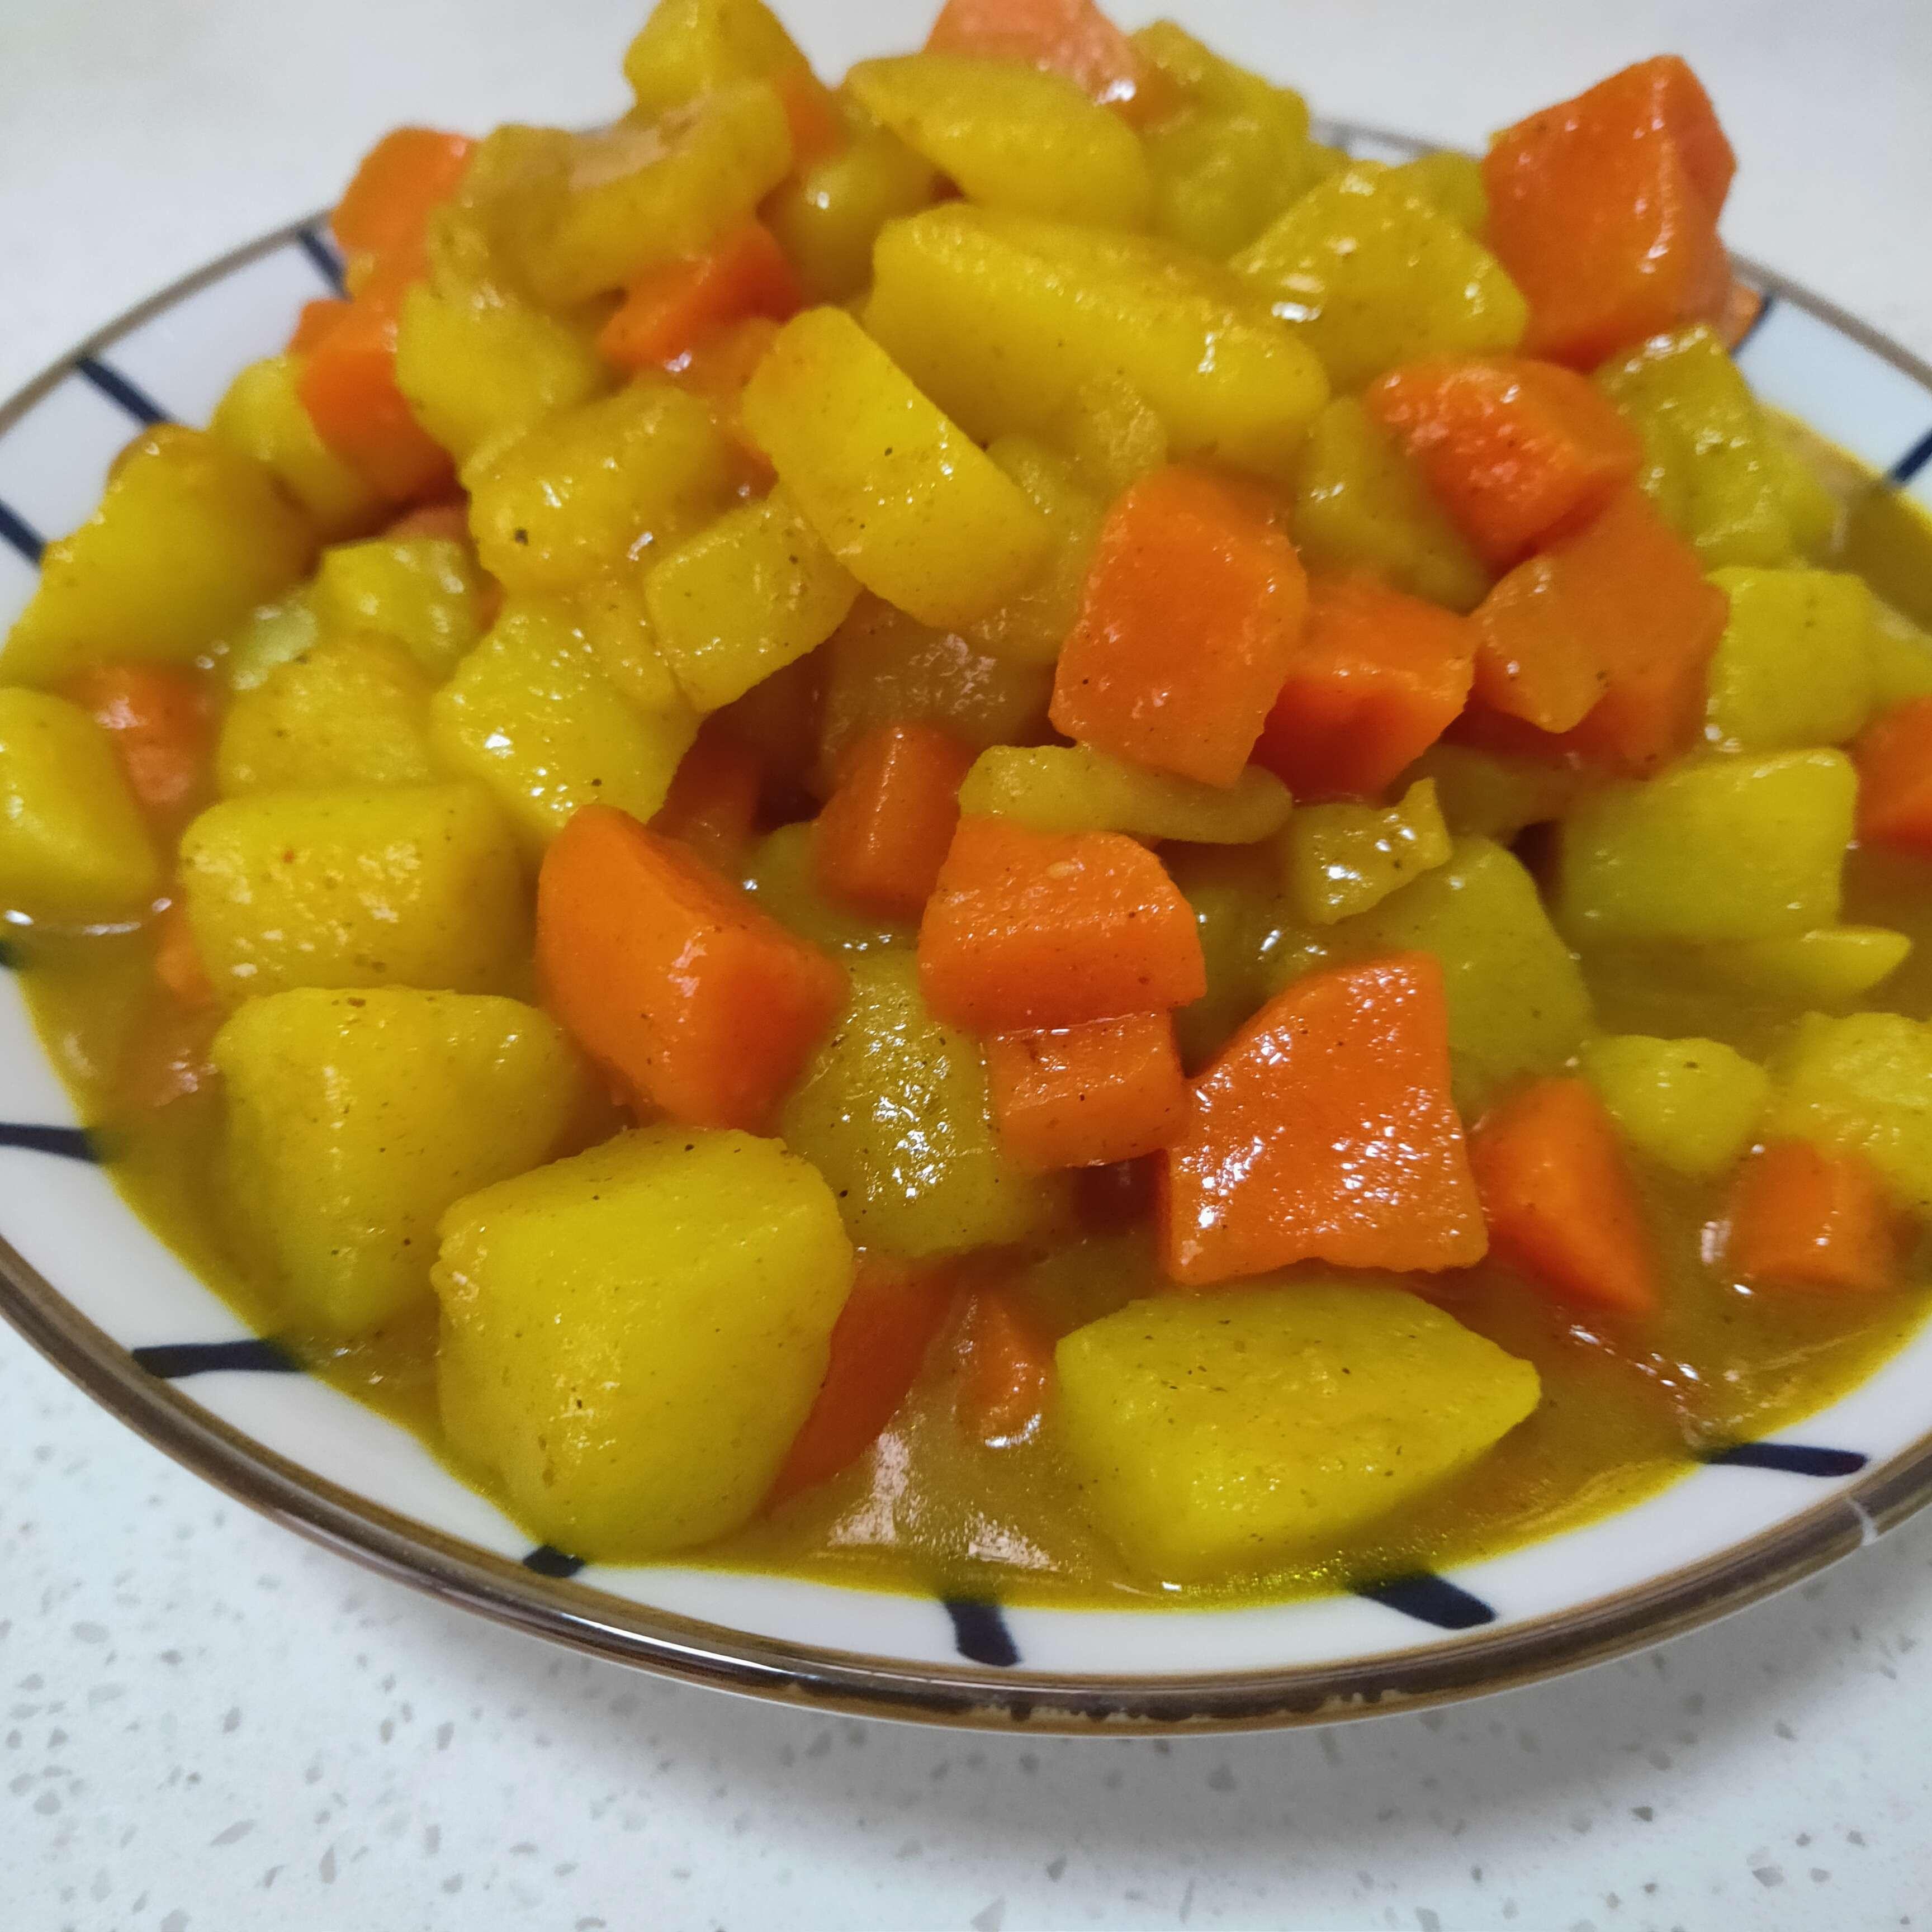 咖喱炖胡萝卜土豆怎么做